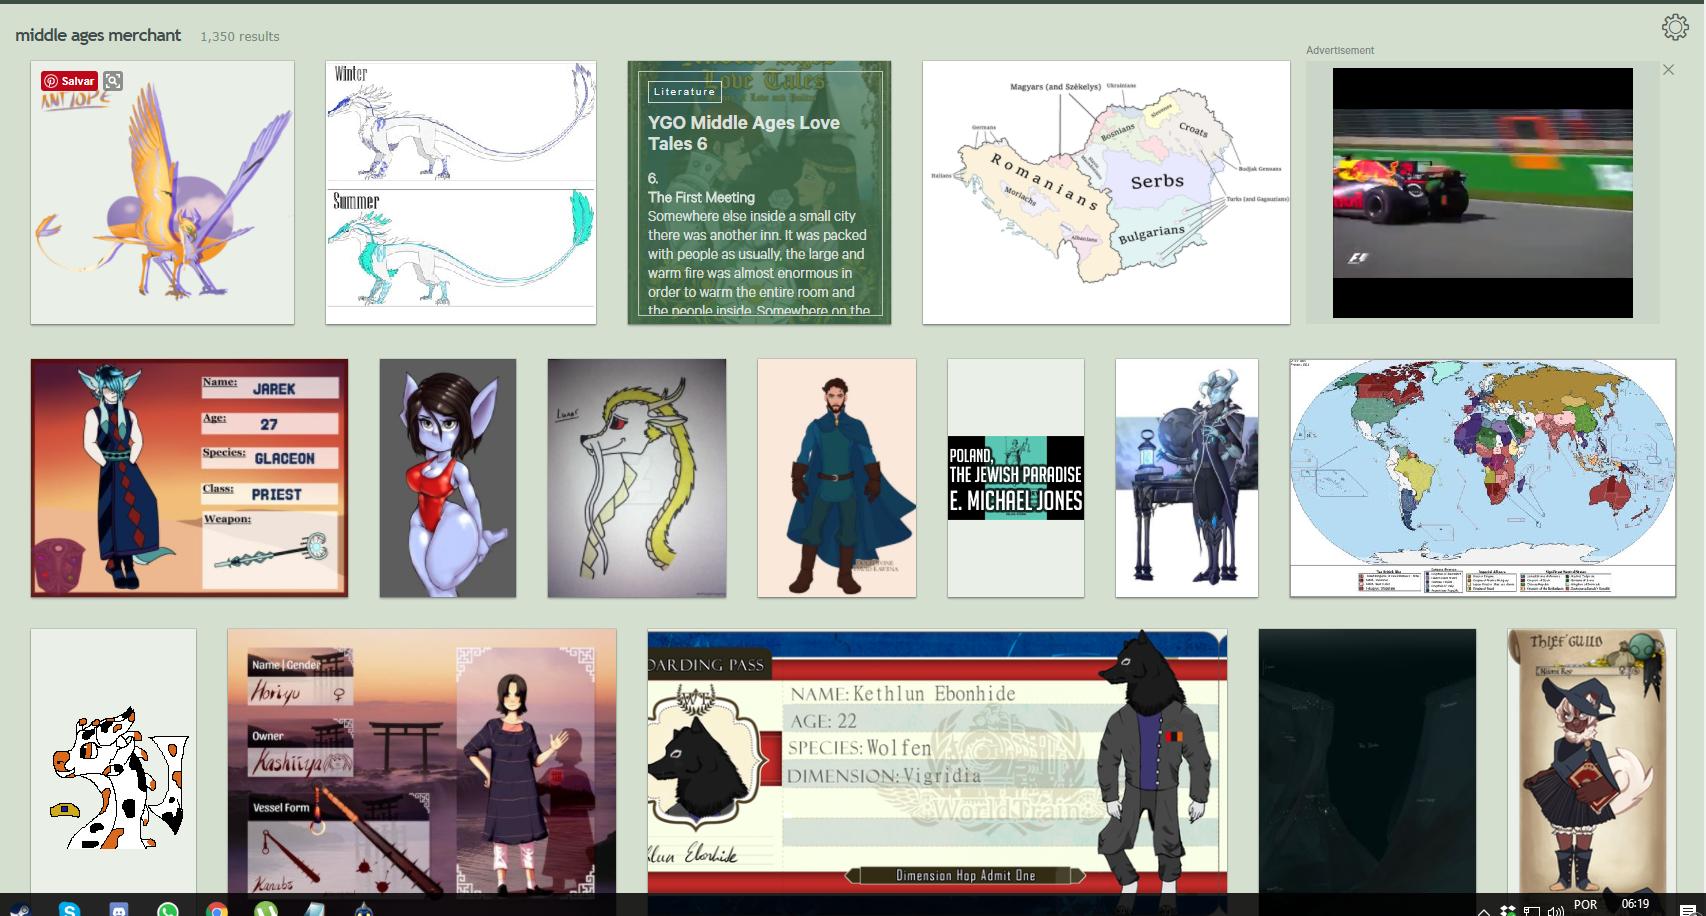 Busca de imagens para RPG Middle_ages_merchant